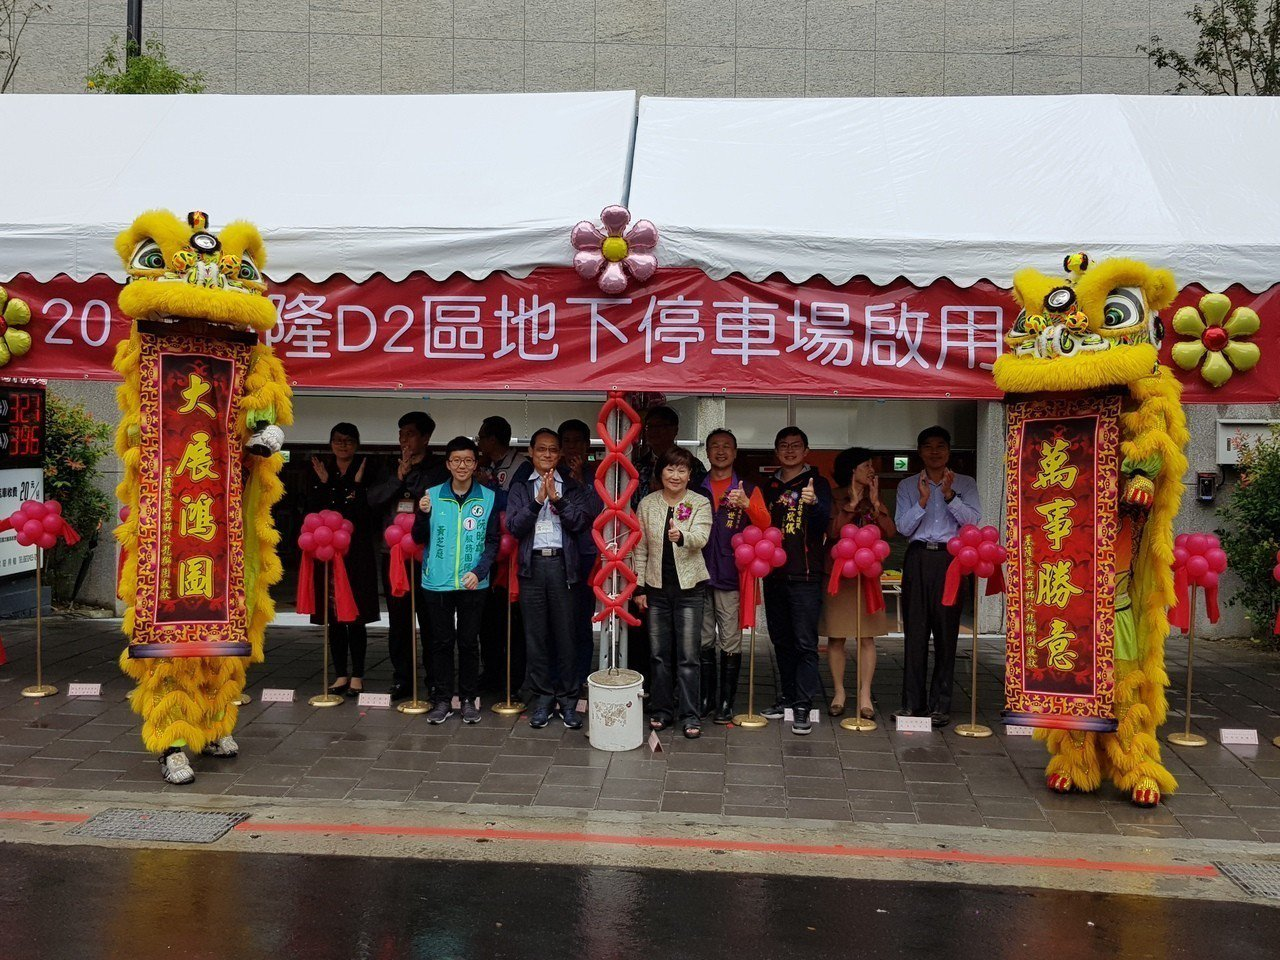 台北市文山區興隆D2區公共住宅地下停車場今天啟用。記者翁浩然/攝影